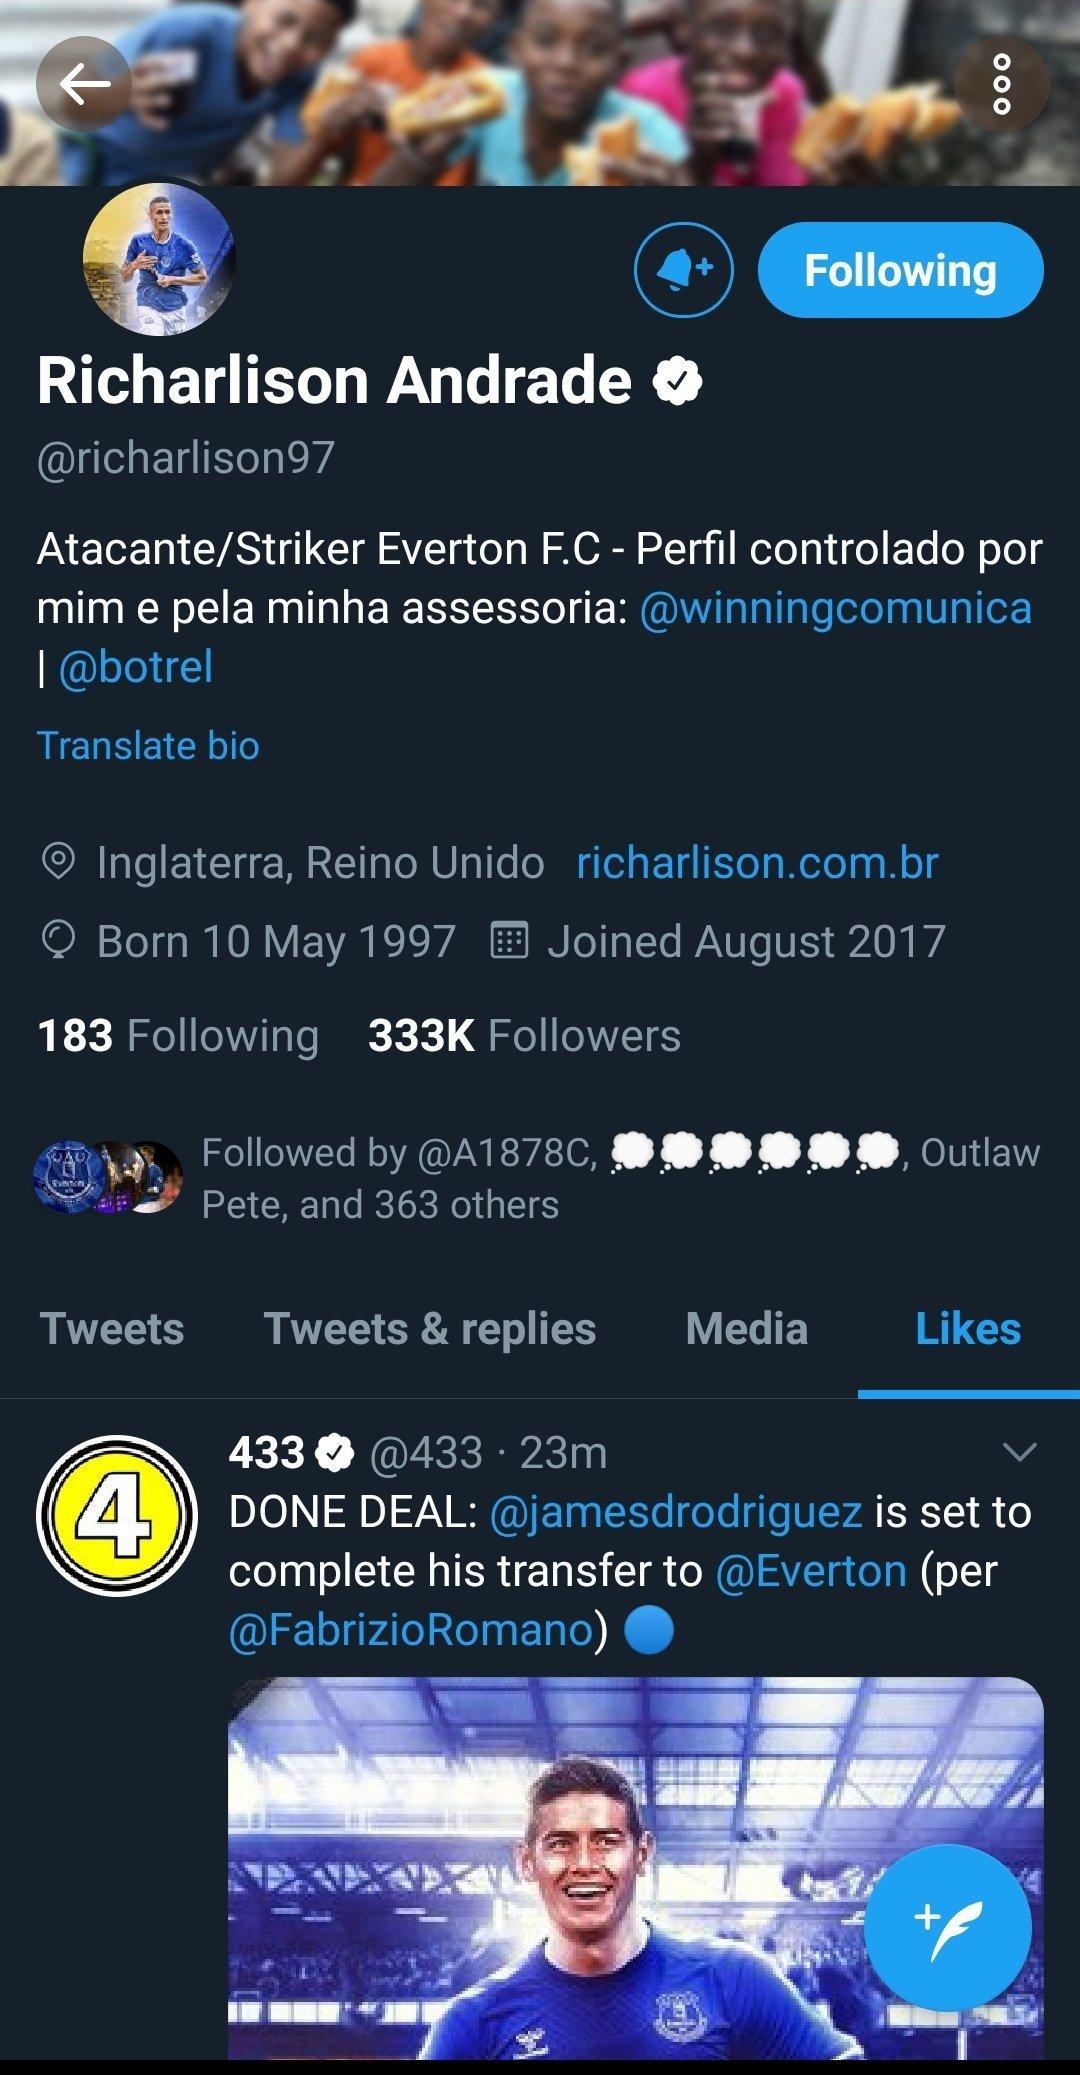 Mercado de Fichajes: James Rodríguez al Everton: Últimas noticias del fichaje en vivo y toda la información al momento 5